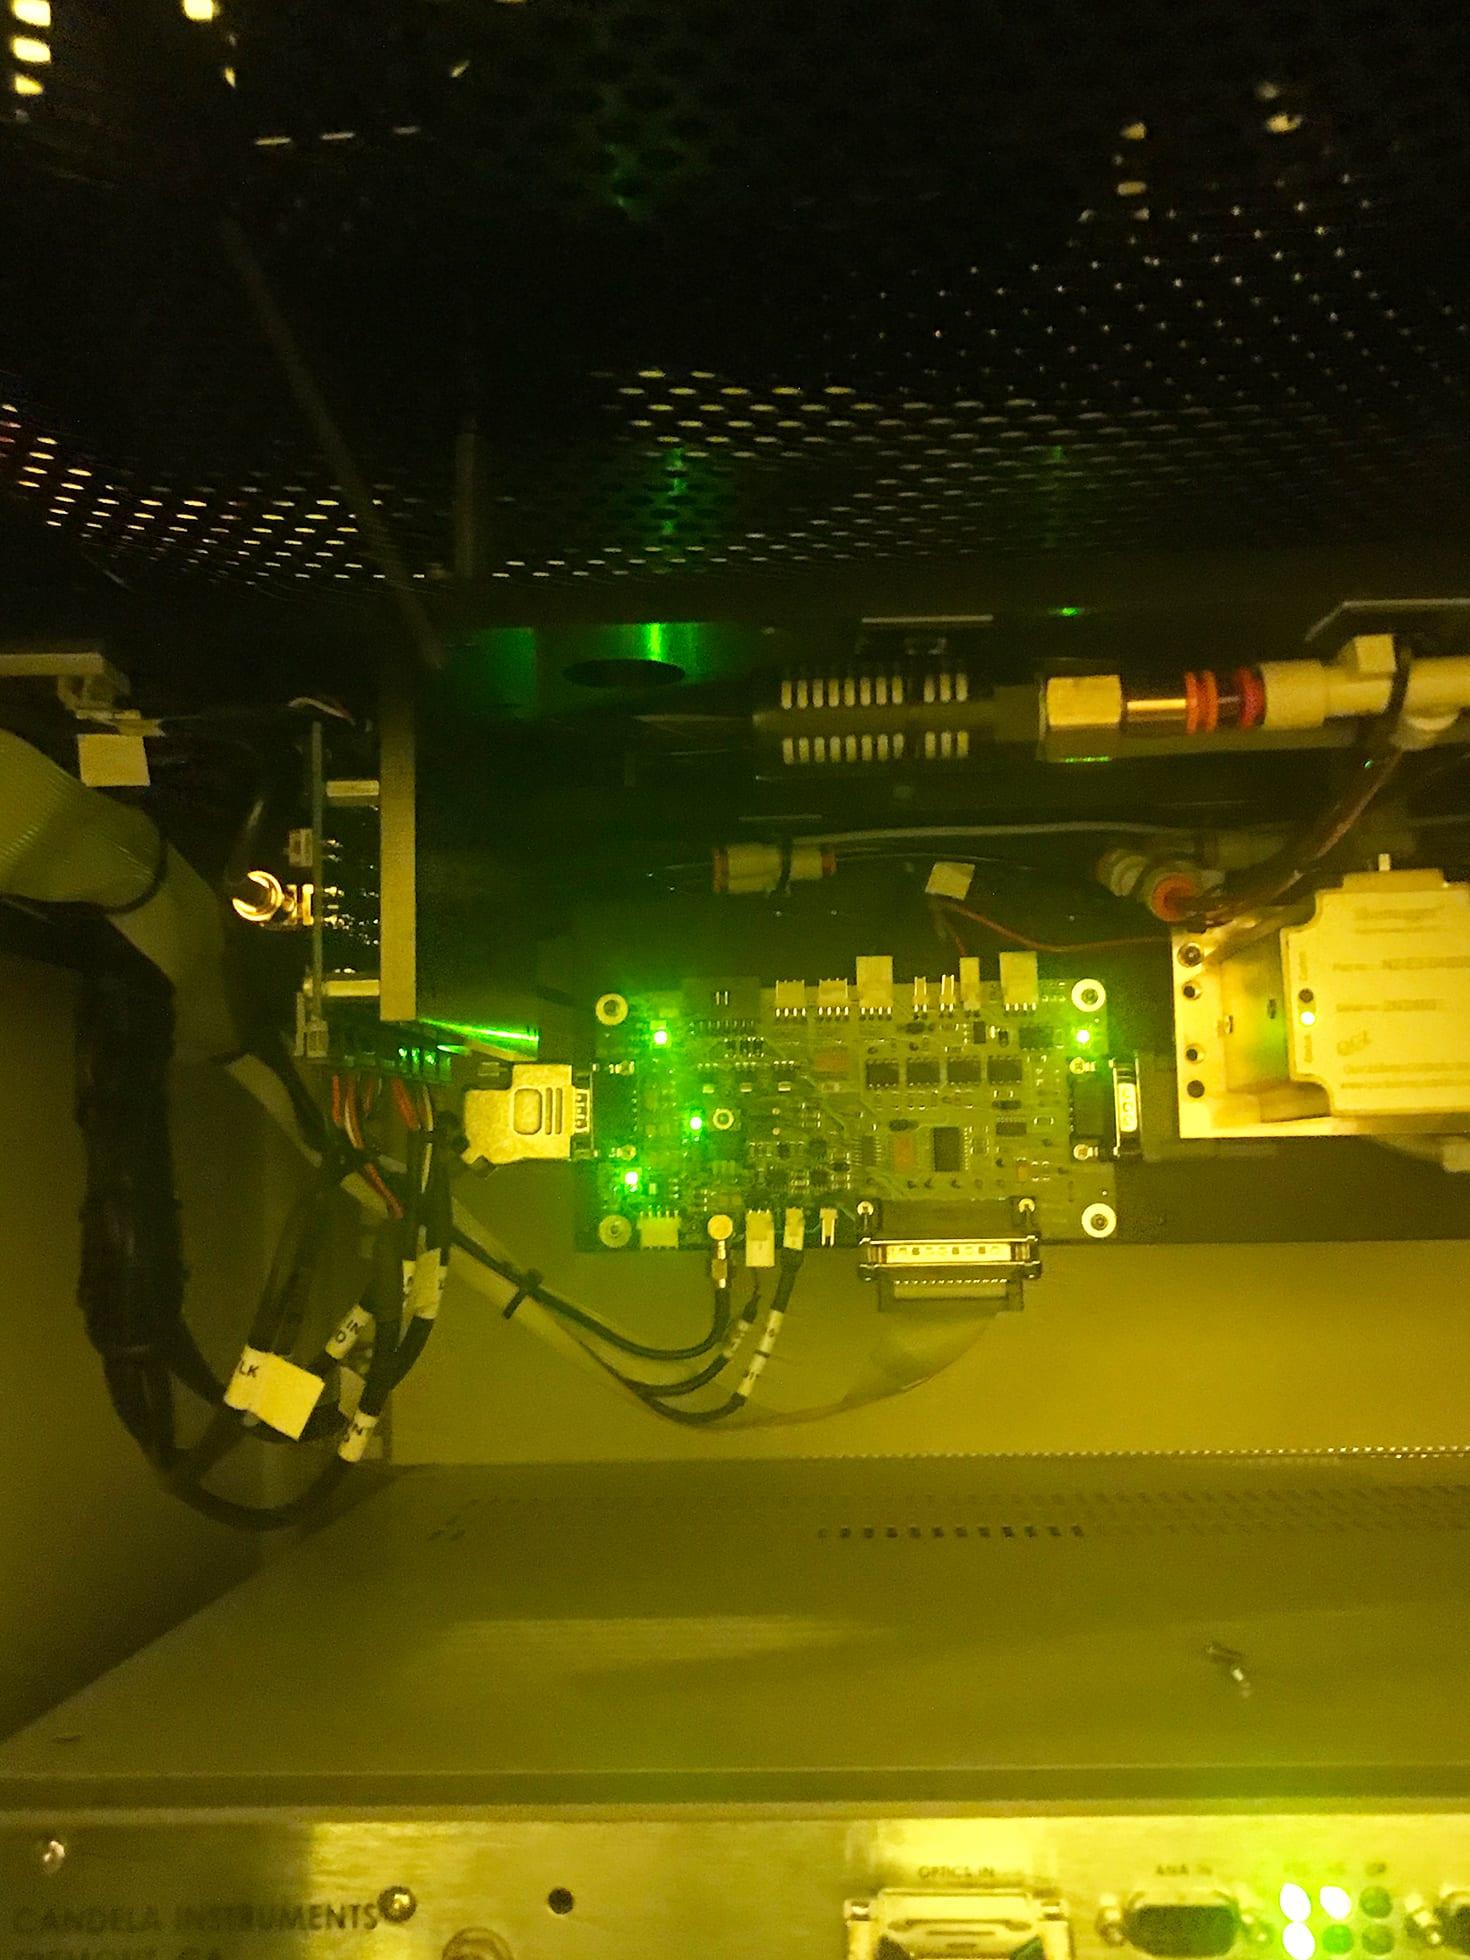 KLA Tencor Candela CS-20-Surface Analyzer Image 30